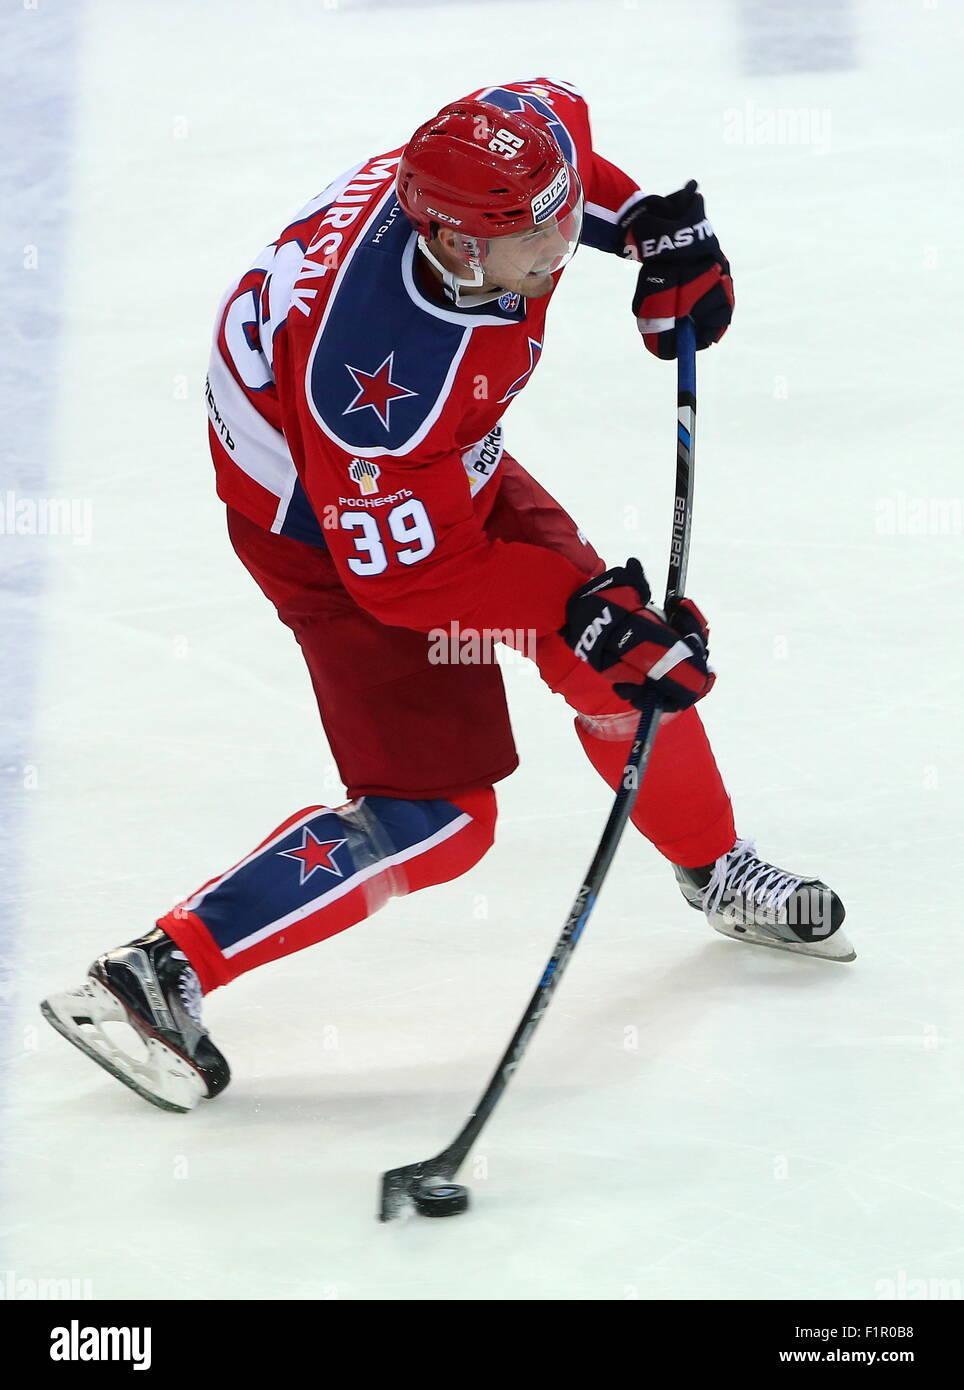 Moscú, Rusia. 4 Sep, 2015. Jan Mursak del CSKA en acción en una temporada regular 2015/2016 KHL ice hockey Imagen De Stock